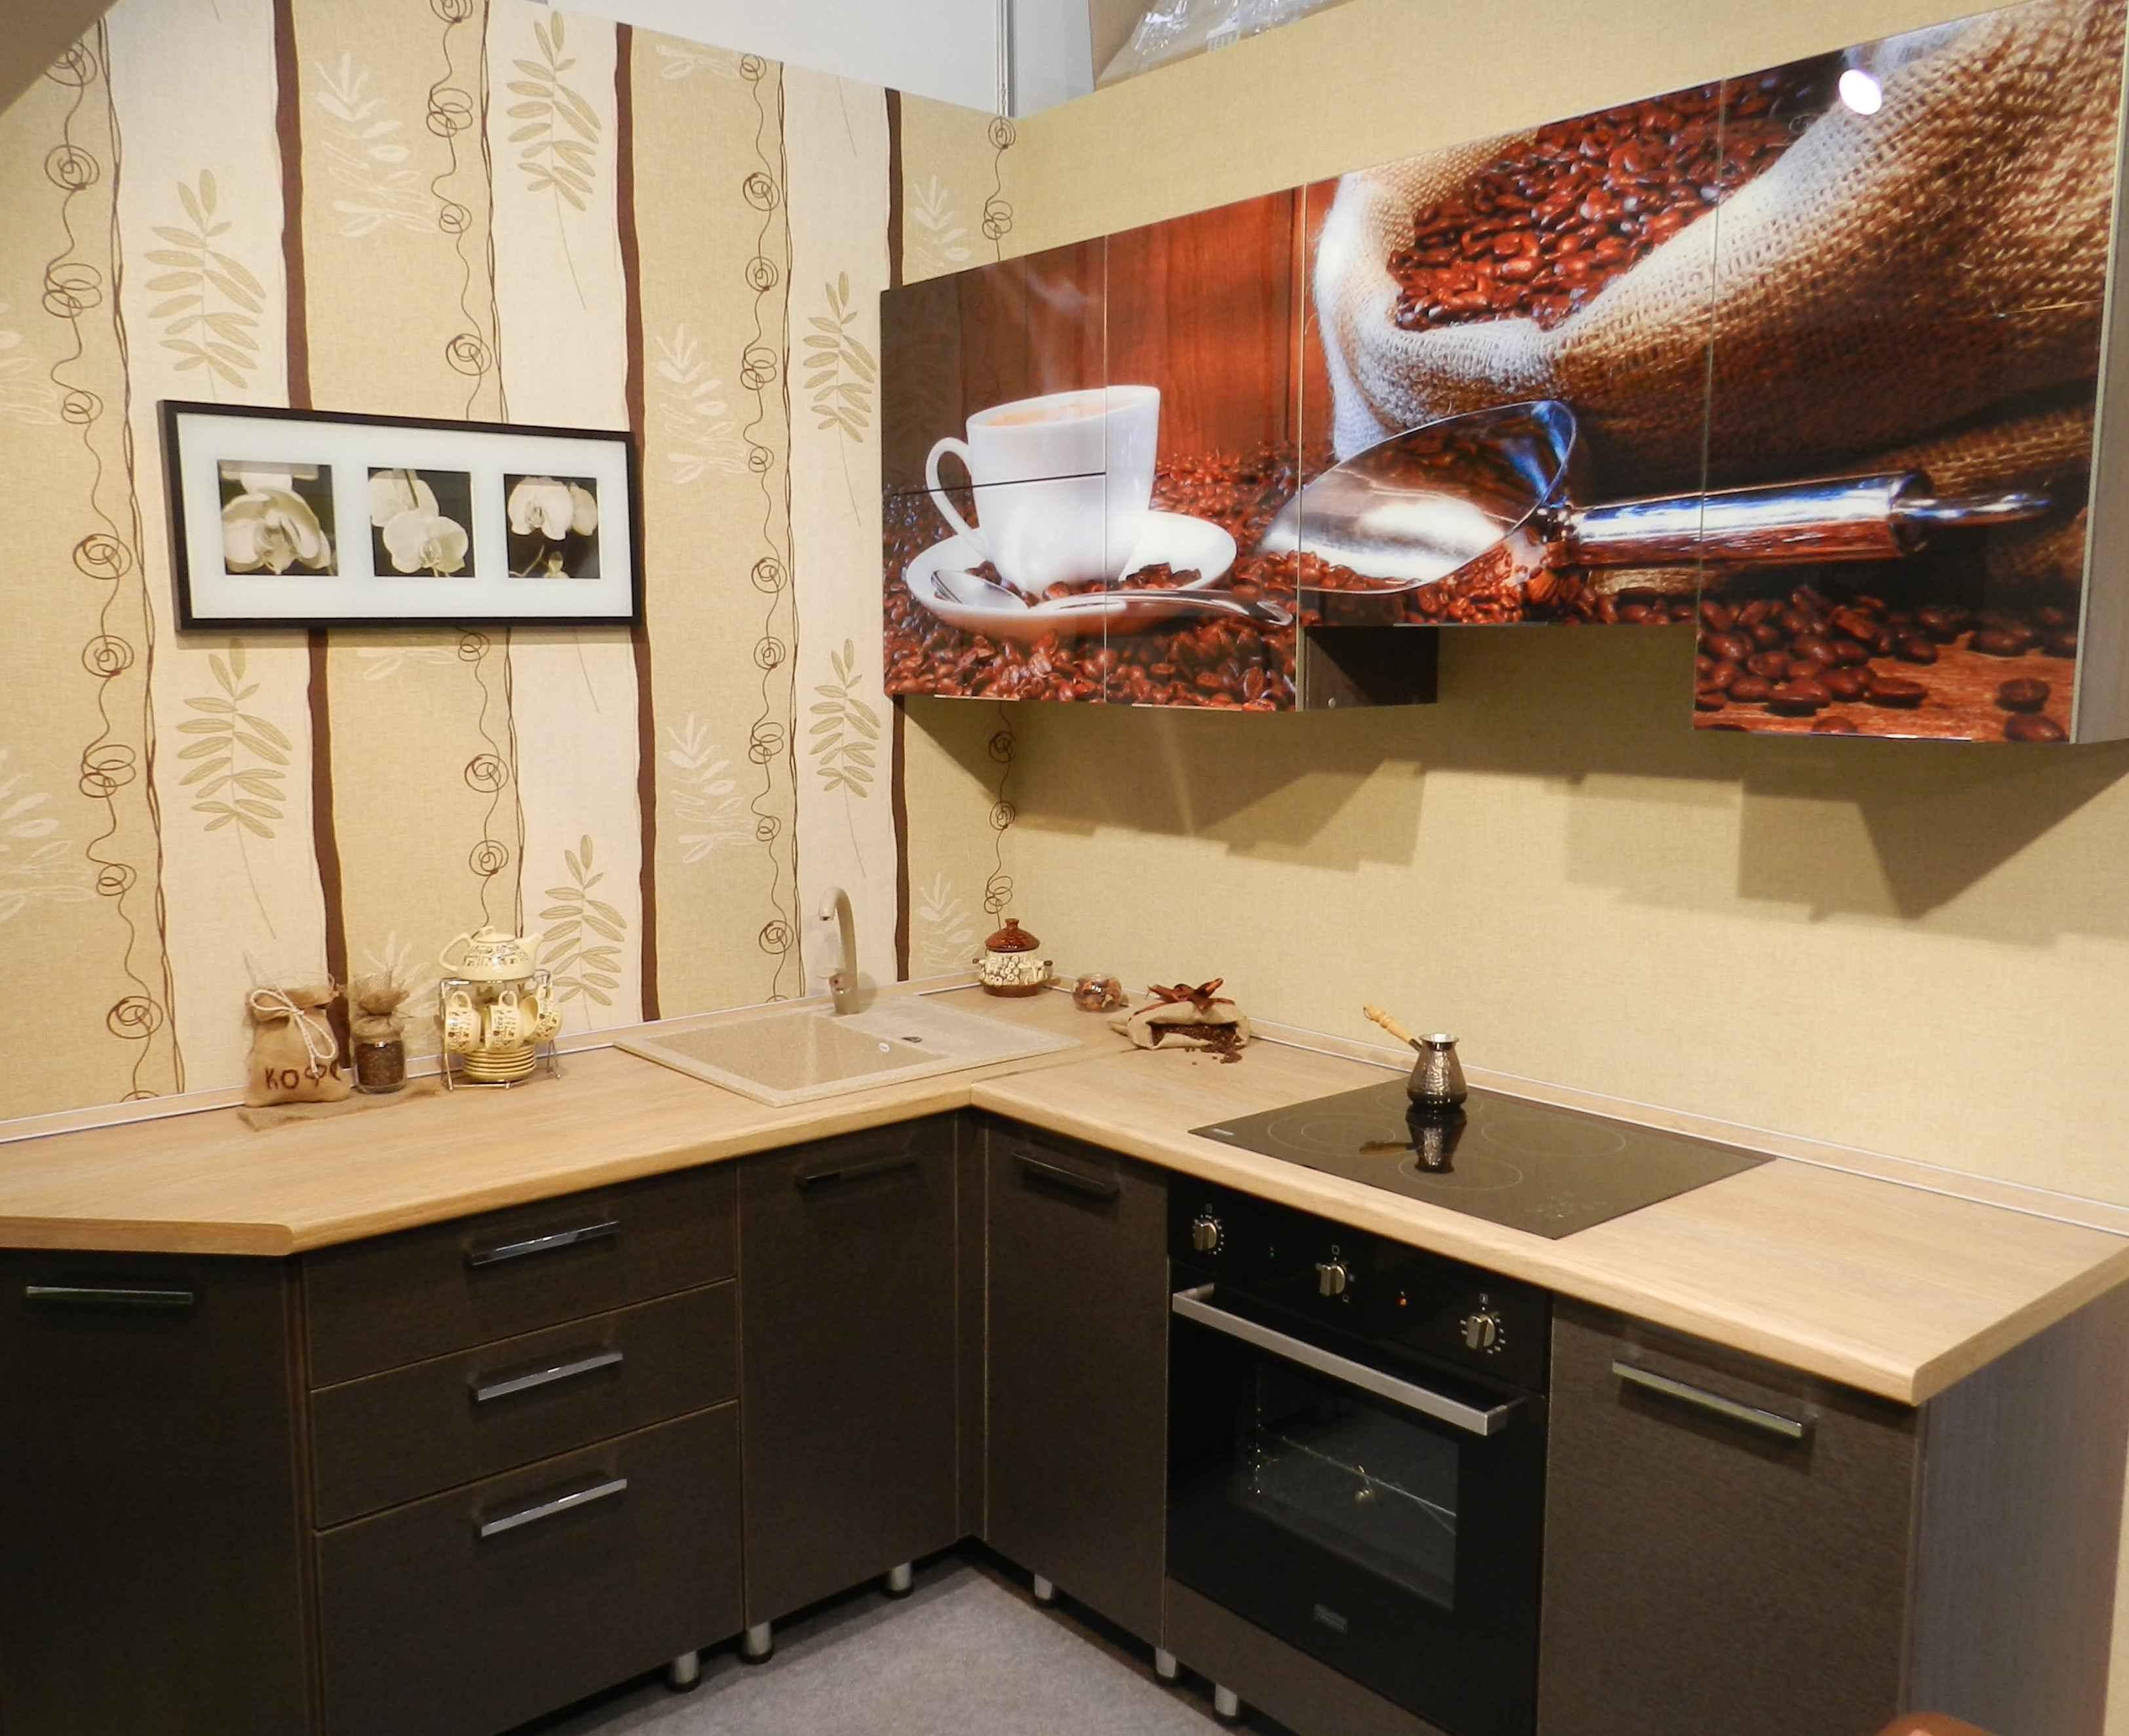 16.«Кофейная» тематика – также излюбленная тема для декорирования кухонных фасадов.